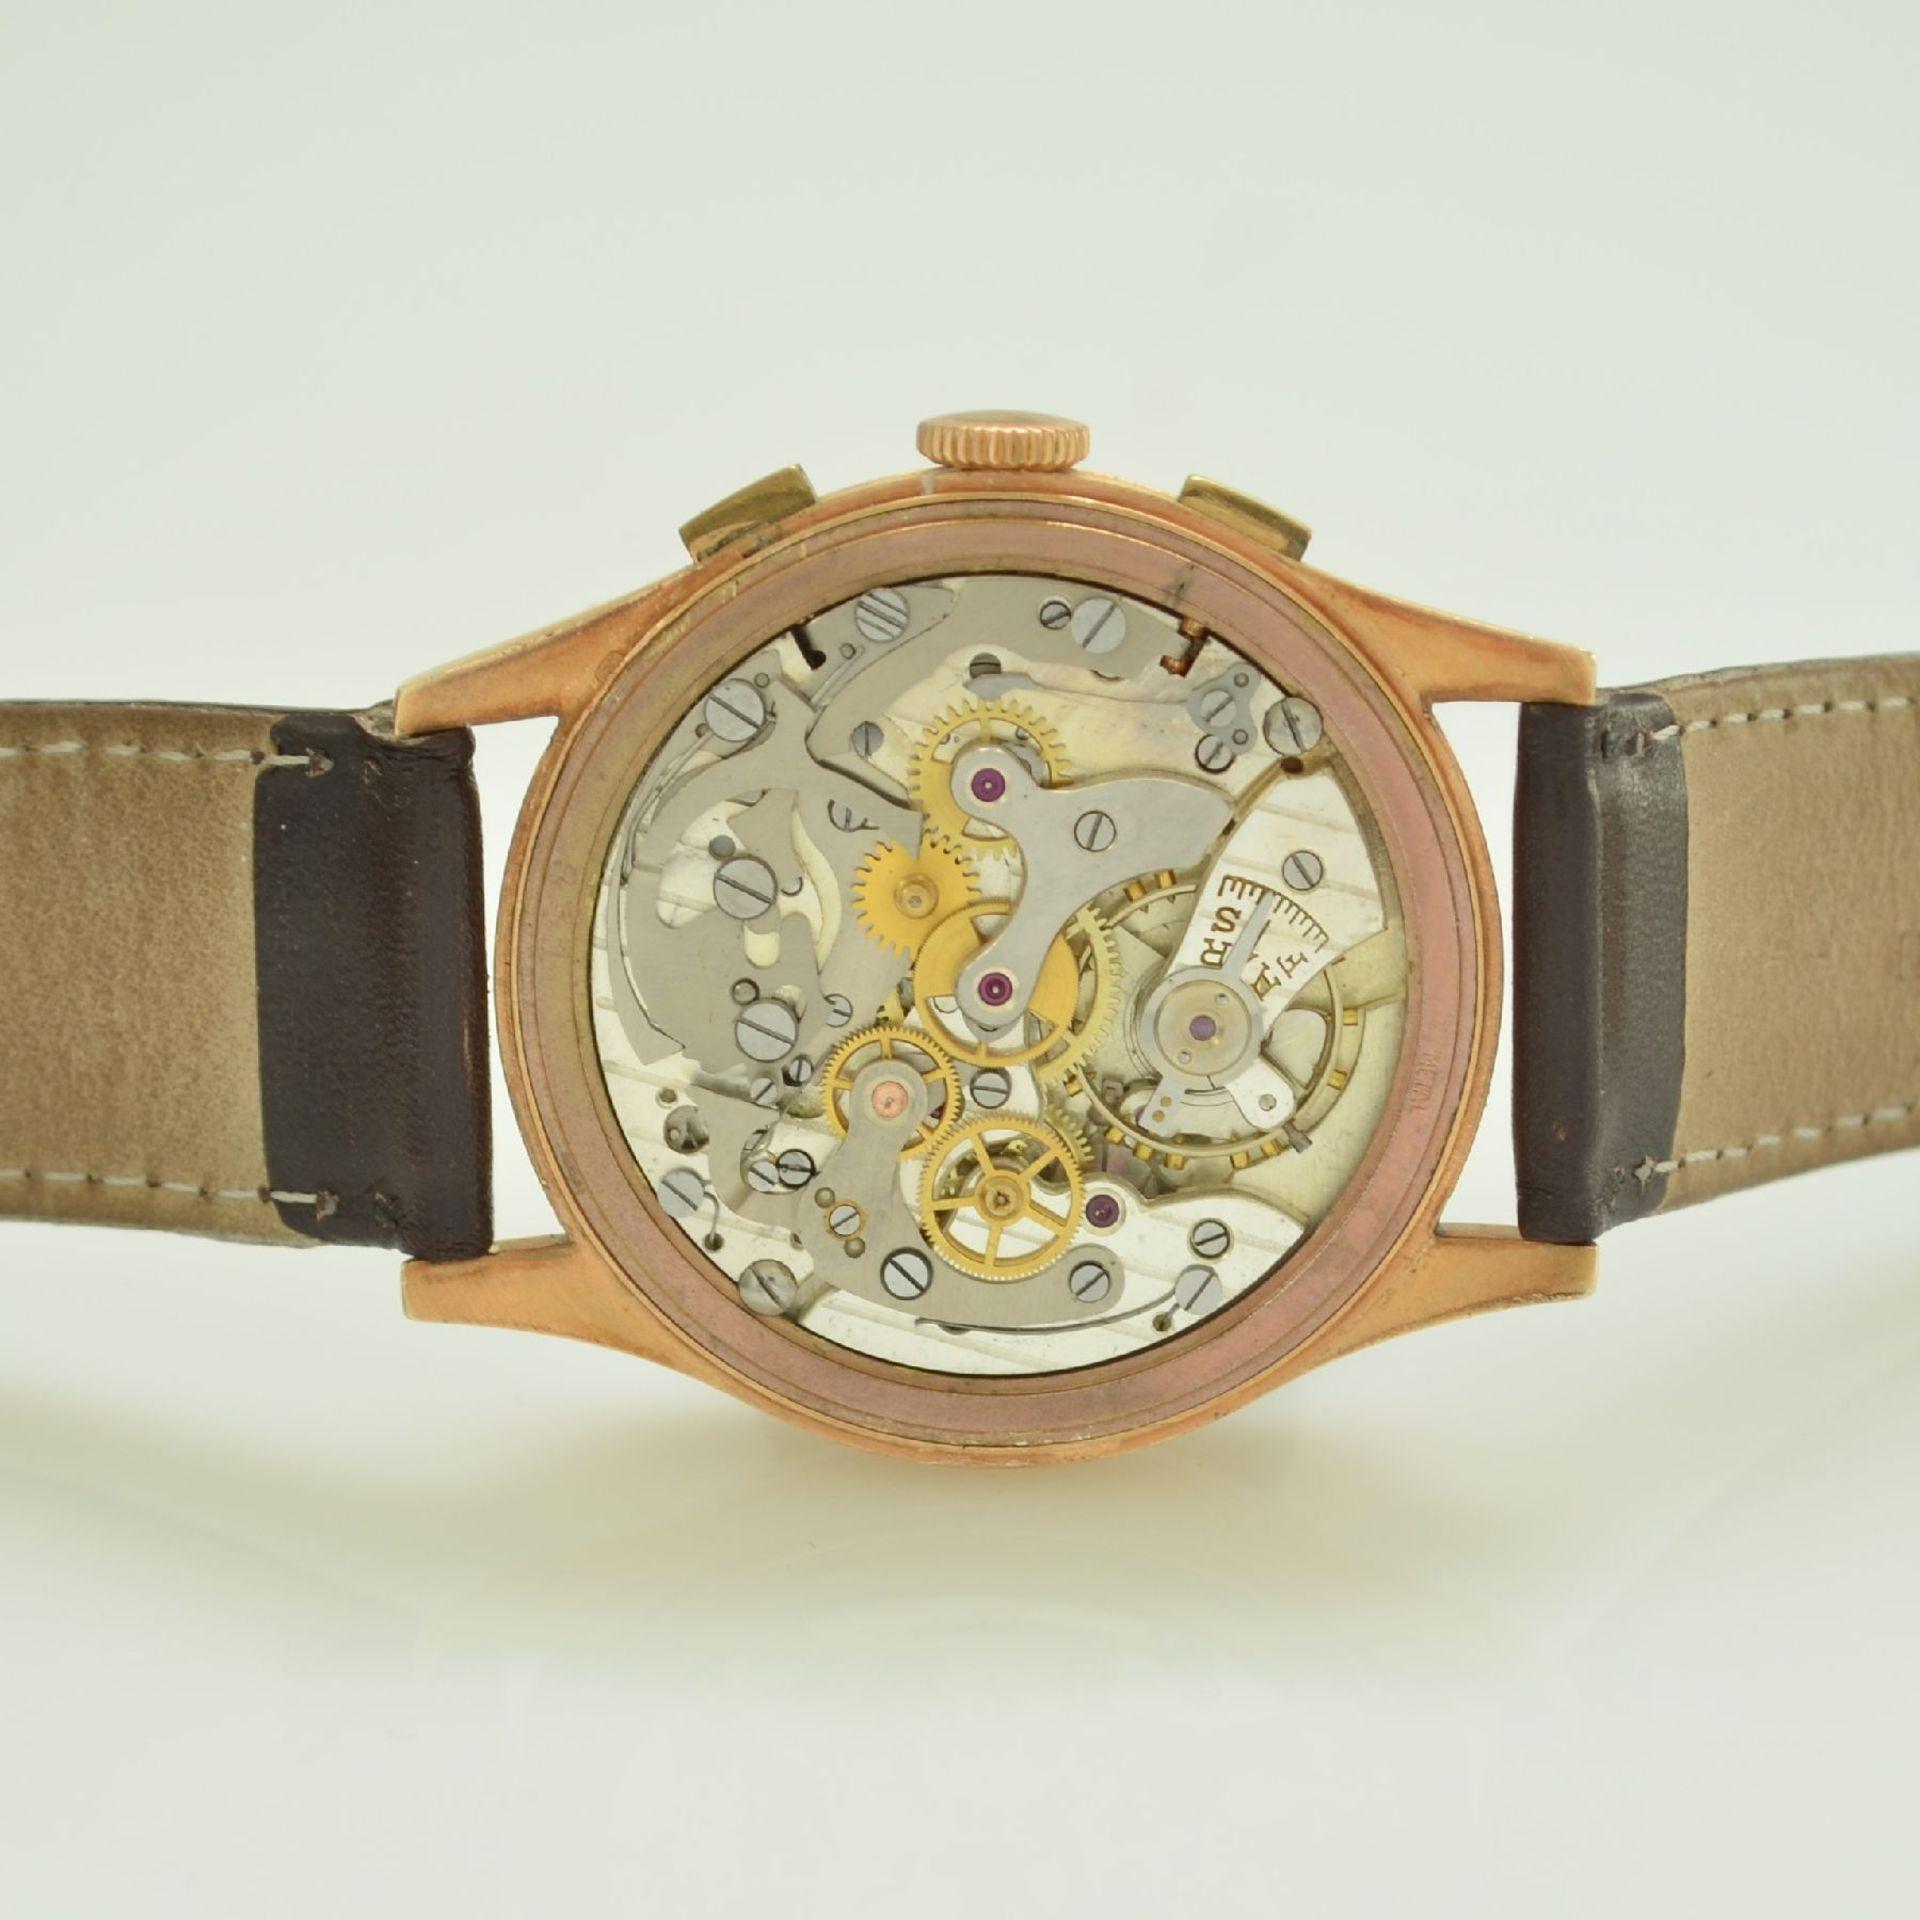 Herrenarmbanduhr mit Chronograph in 750/000 RoseG, Schweiz um 1950, Boden & Glasrand aufgedr., rest. - Bild 9 aus 9